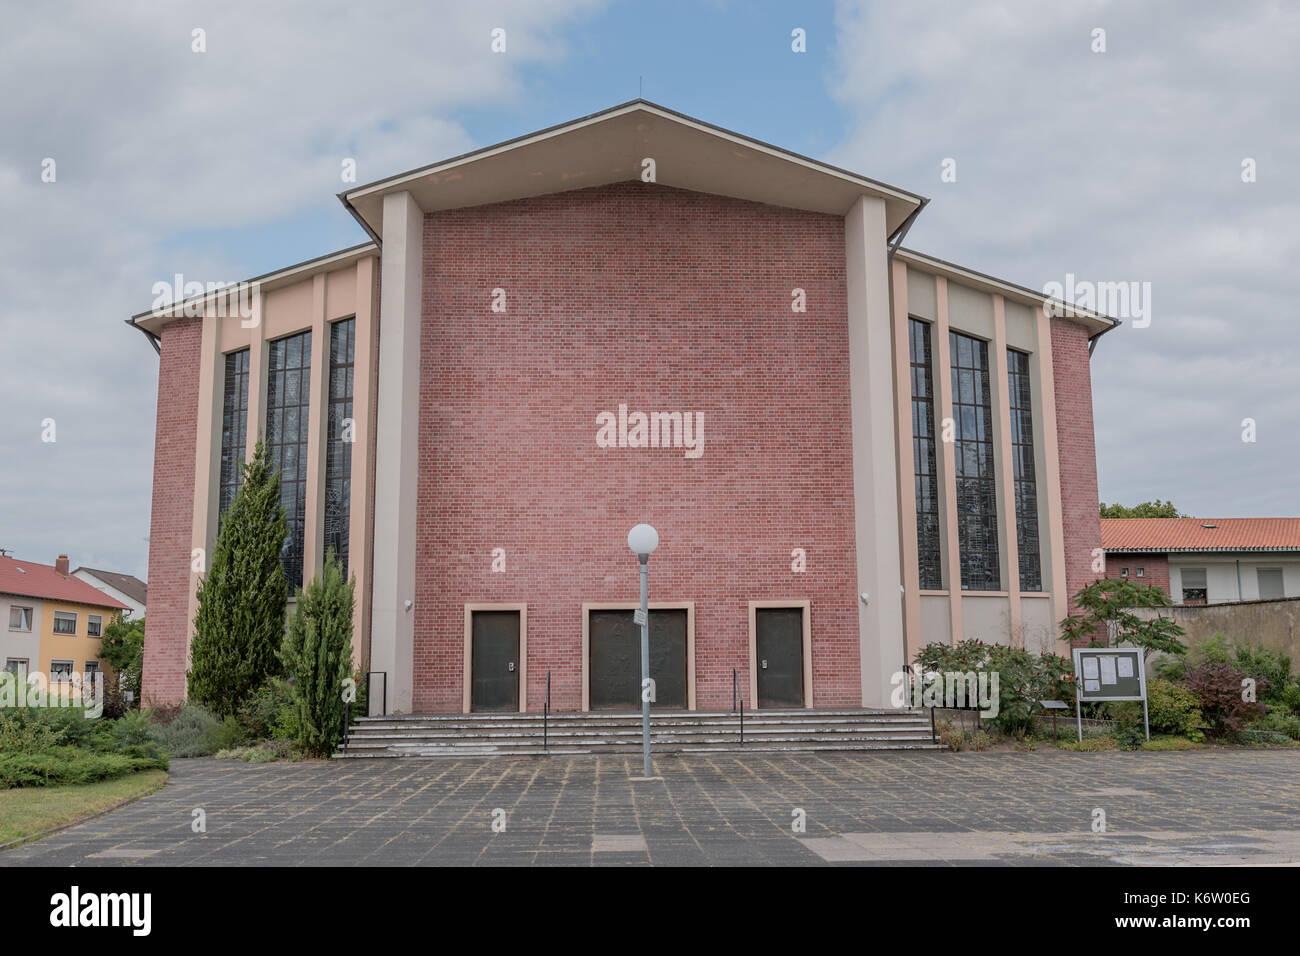 Gesellschaft, Deutschland, Rheinland-Pfalz, Hassloch, September 07. Haßloch. Die Kirche St. Ulrich in Haßloch wird am Samstag, 16. September, von Bisc - Stock Image